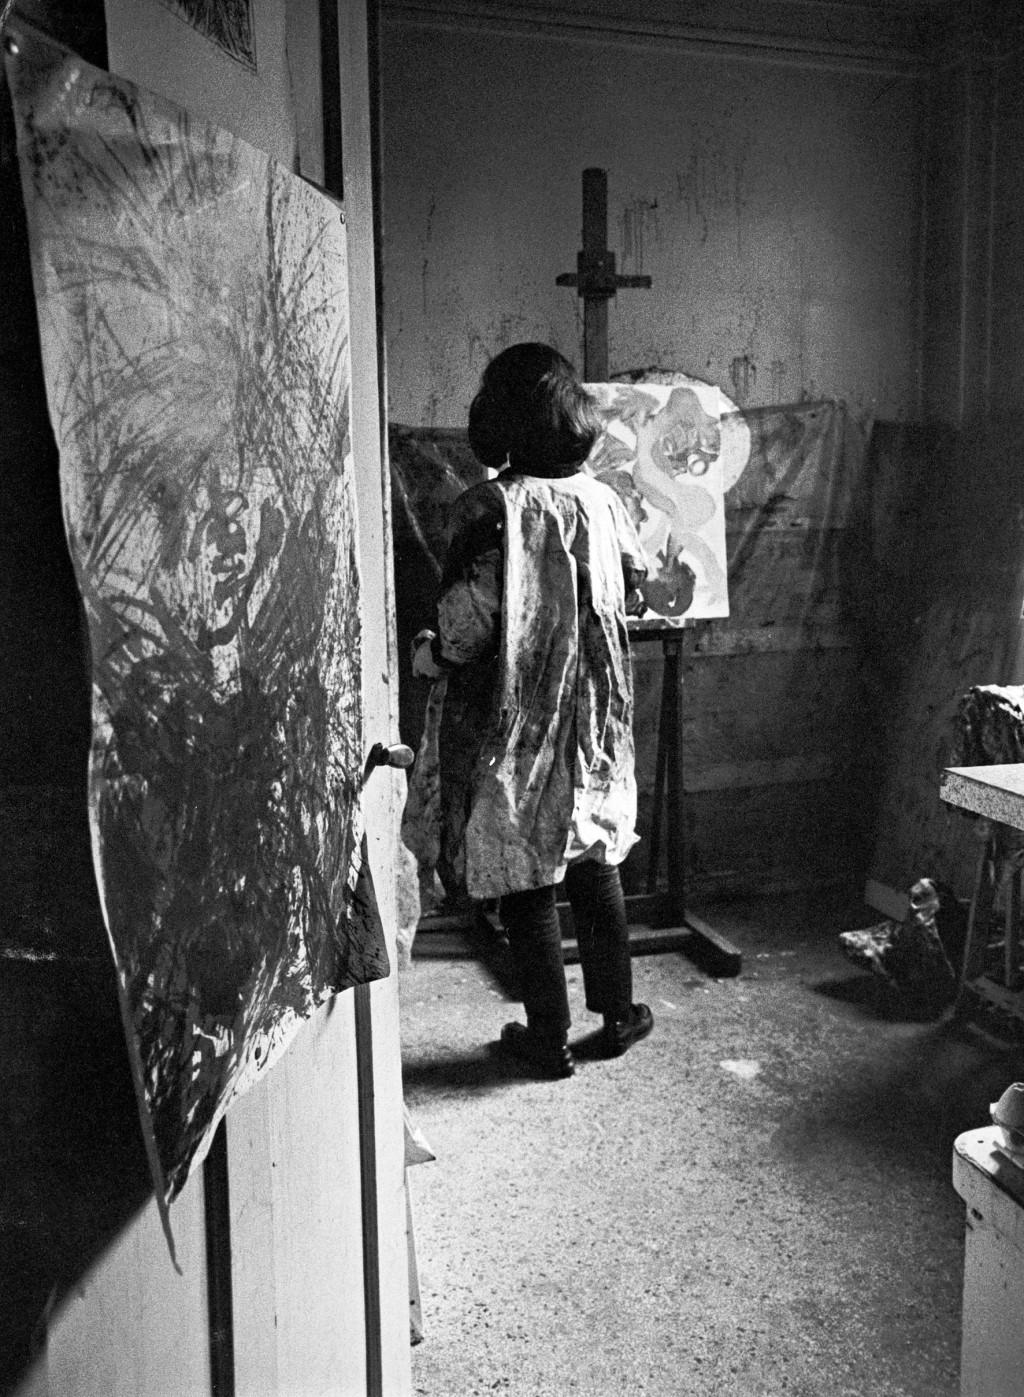 Jacqueline de Jong in haar atelier aan 97 rue de Charonne, Parijs. Archief Jacqueline de Jong.